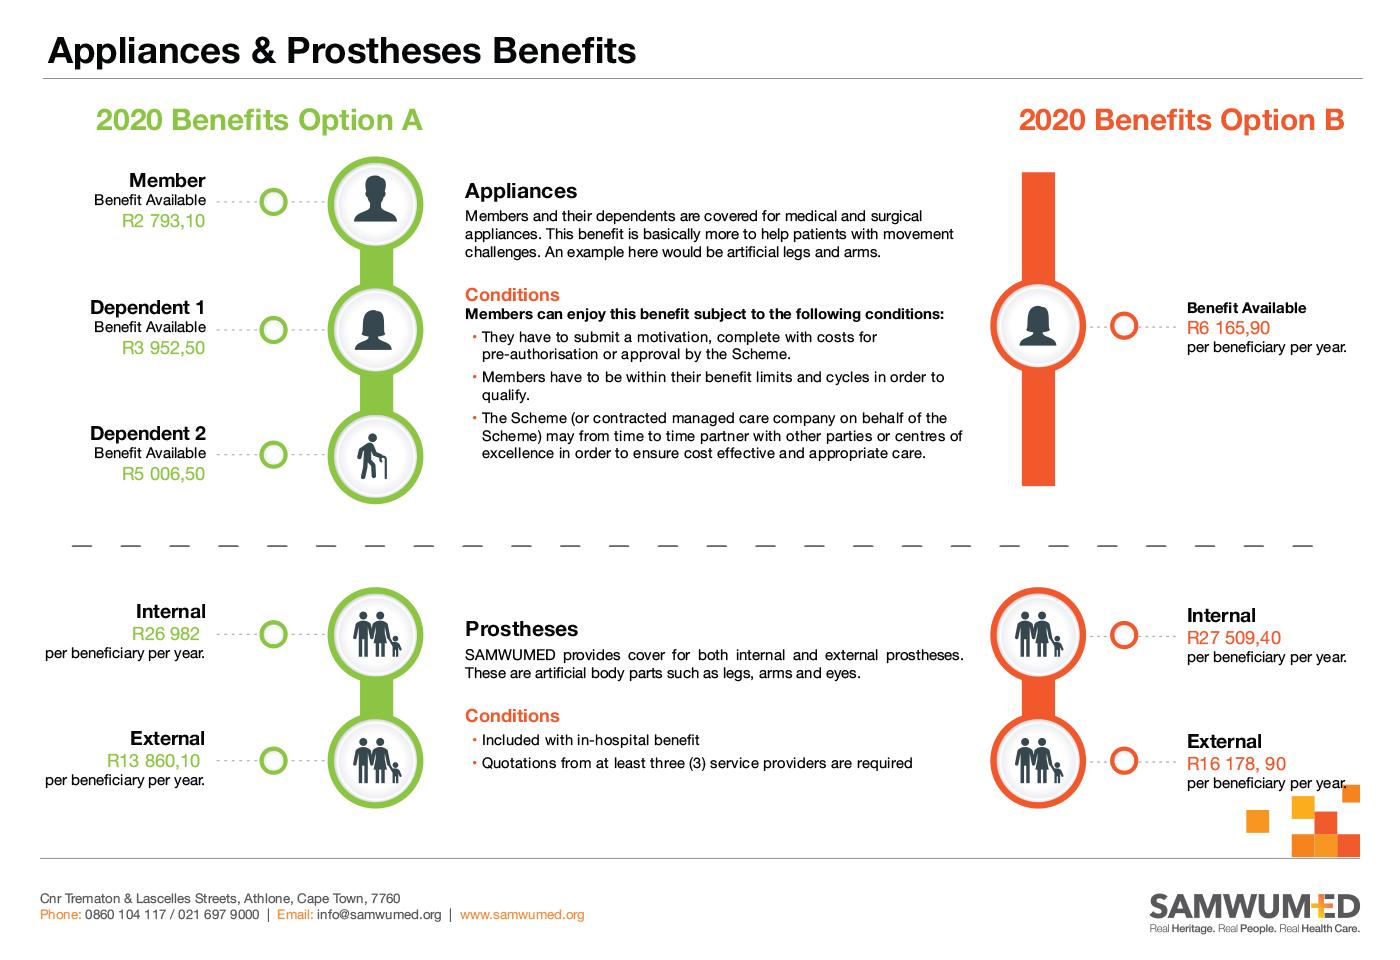 SAMWUMED Appliances & Prostheses Benefits